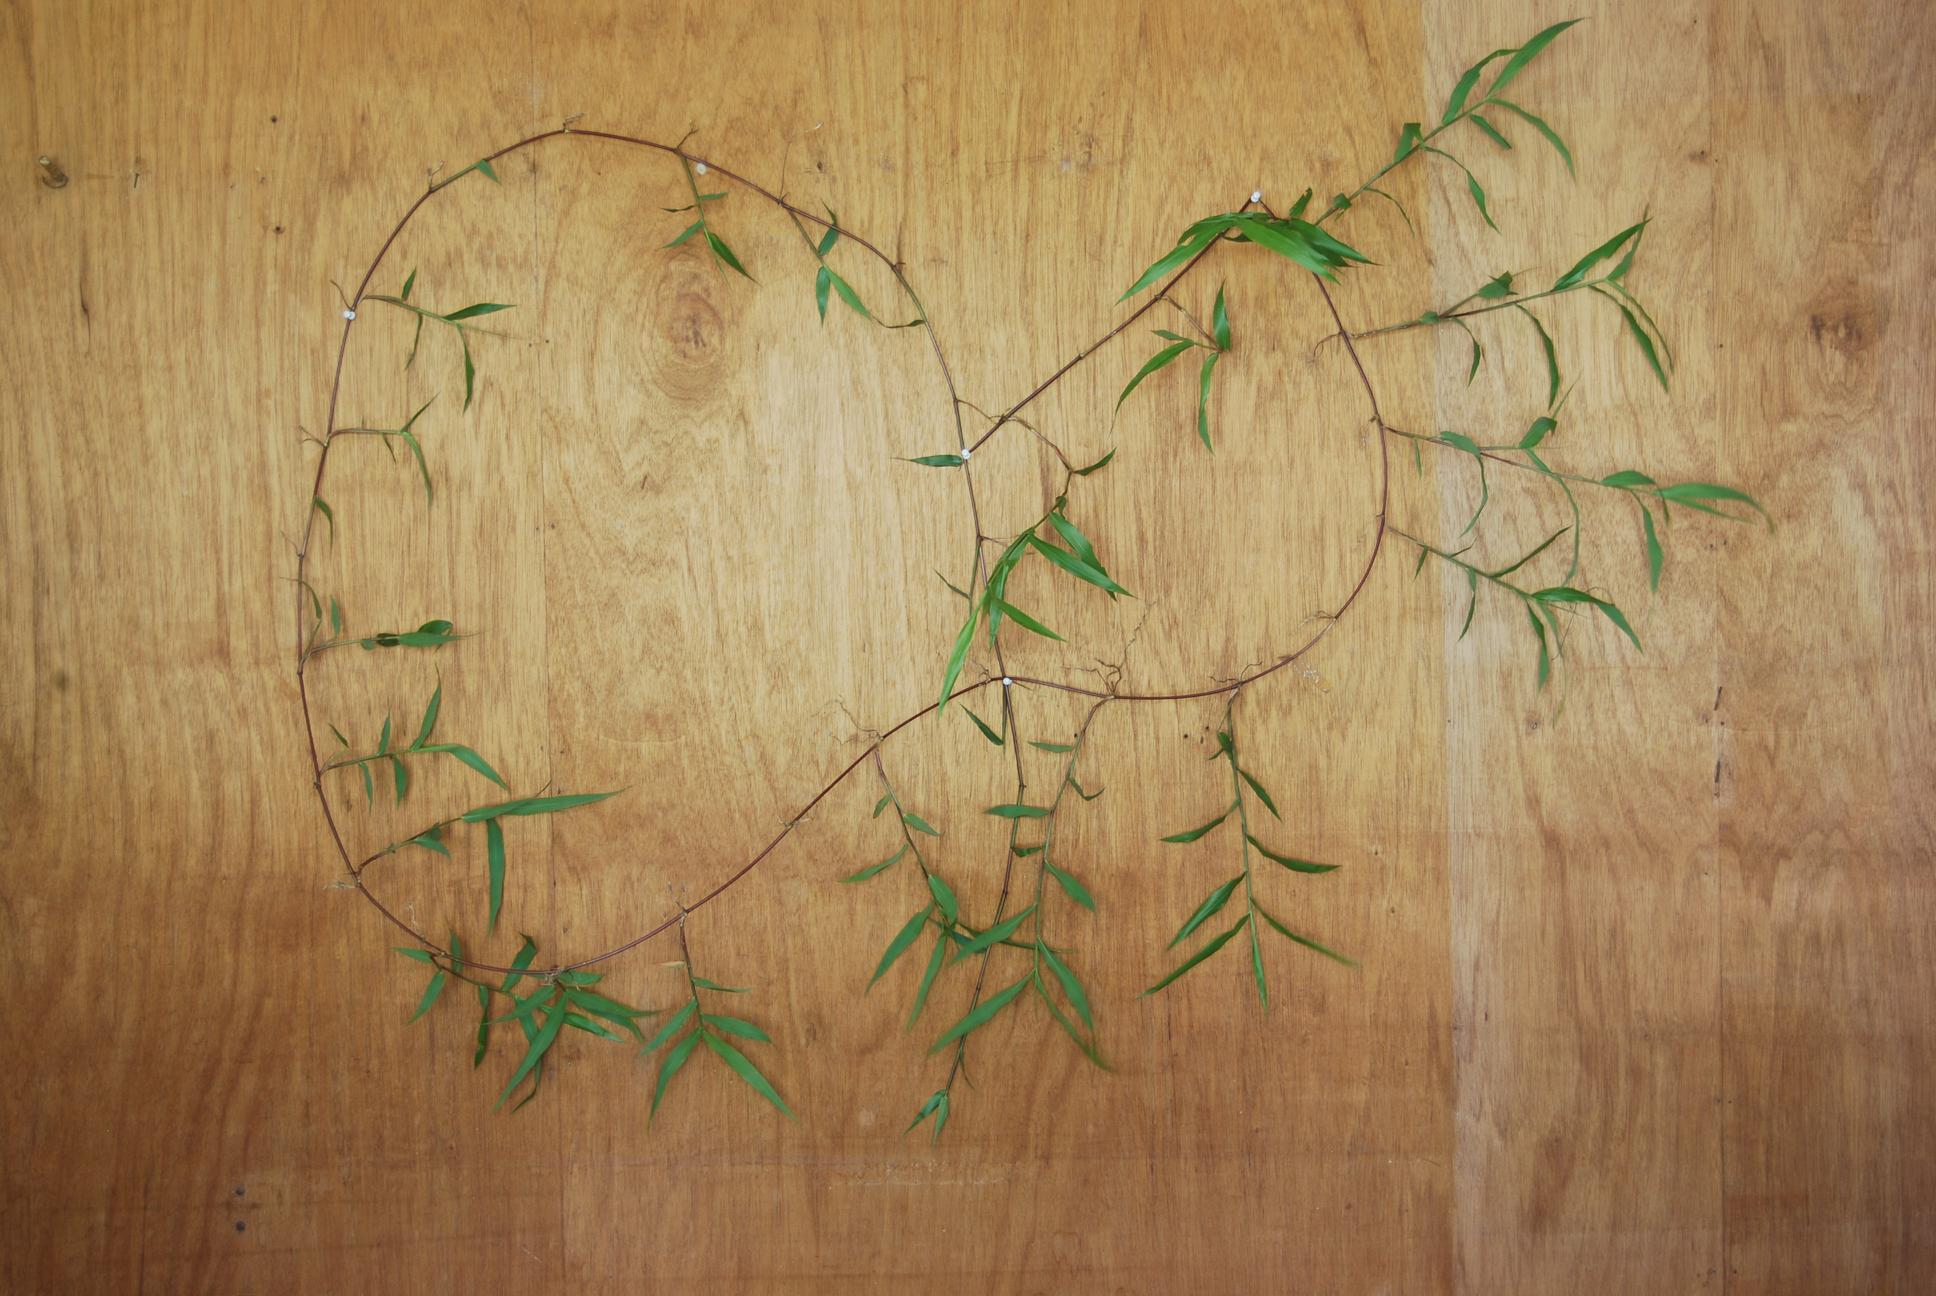 wild-grass-sculpture-136x31x152-150dpi.jpg